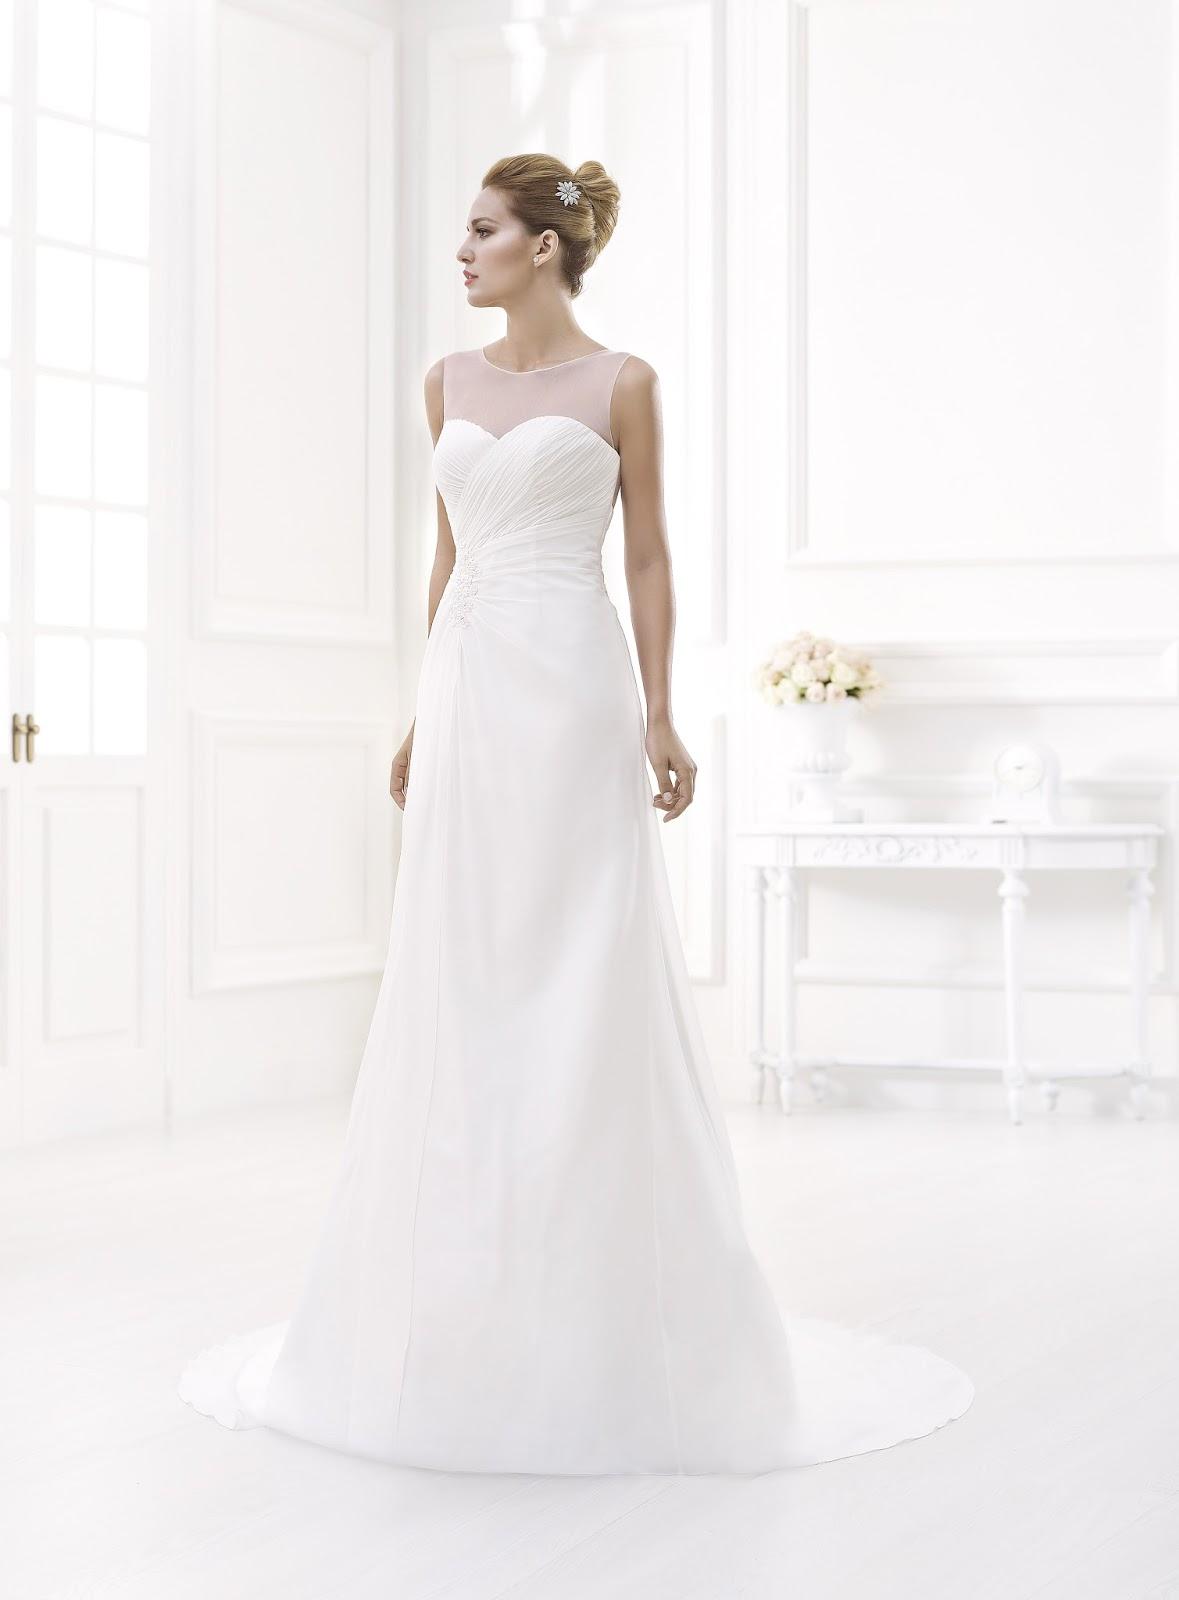 Vestidos de novia low cost espana